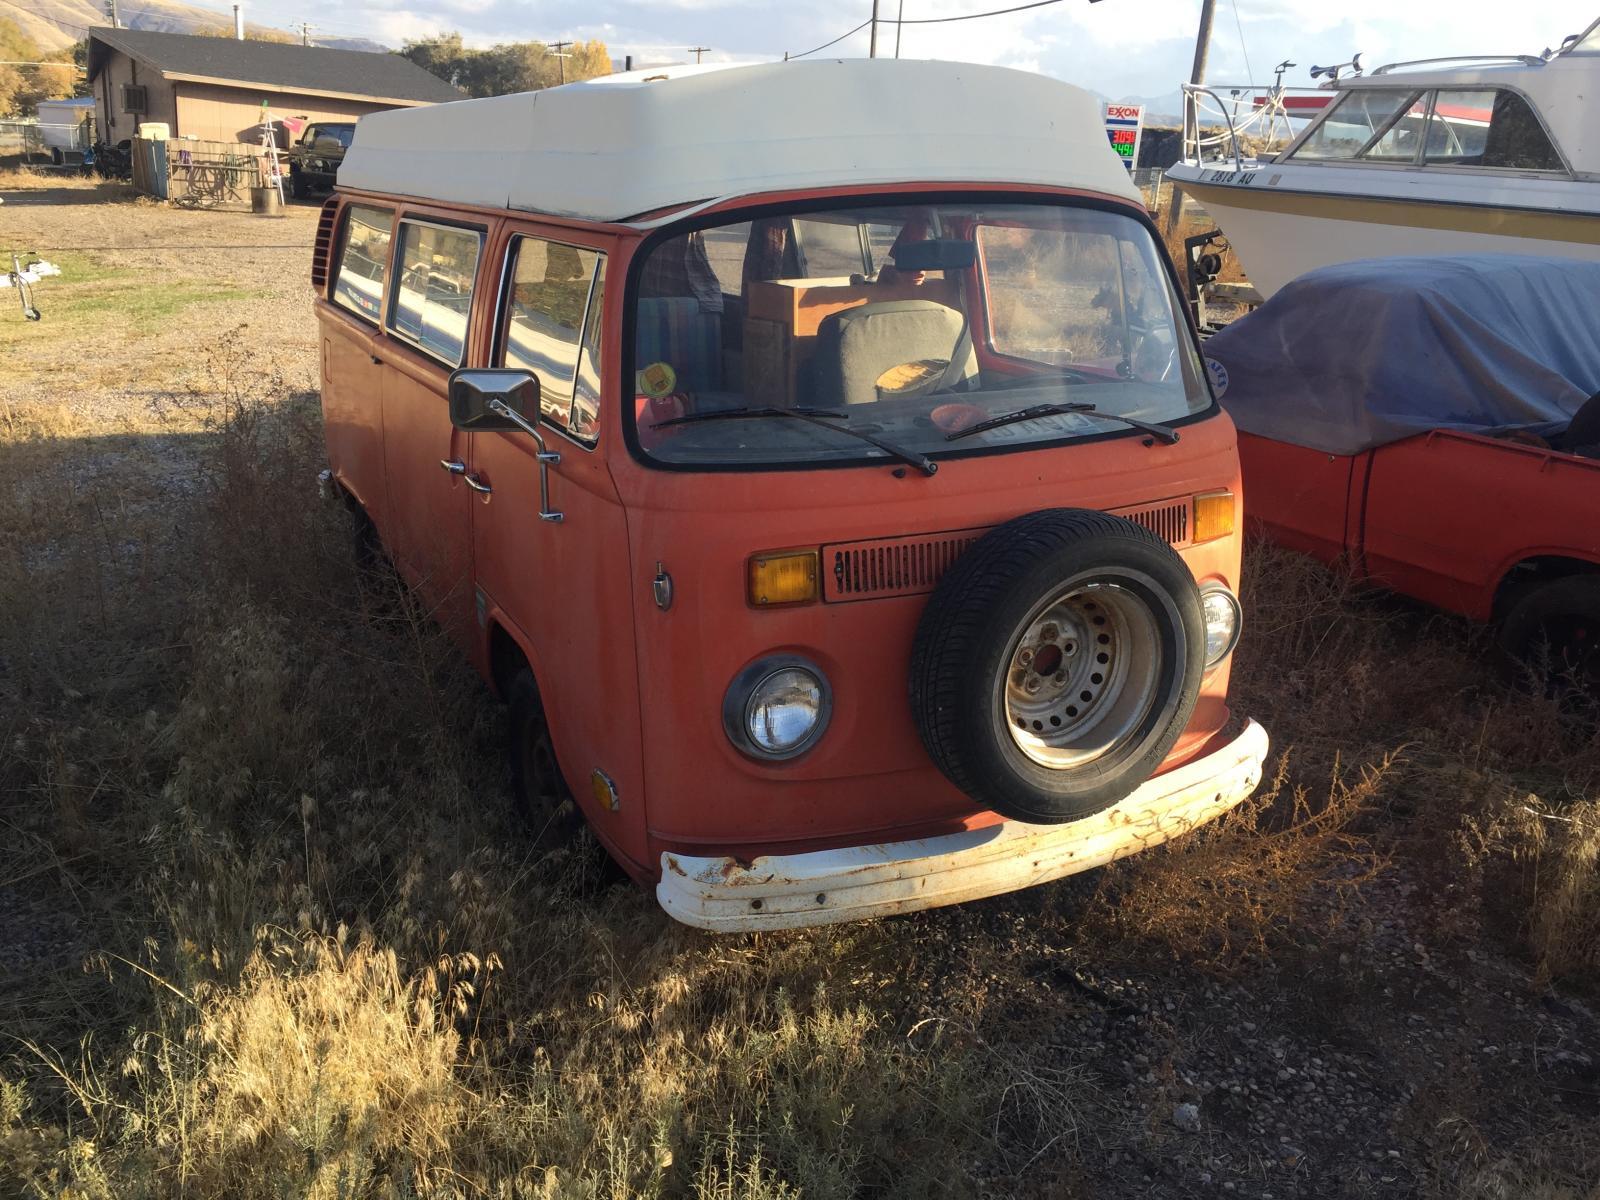 Found a bus